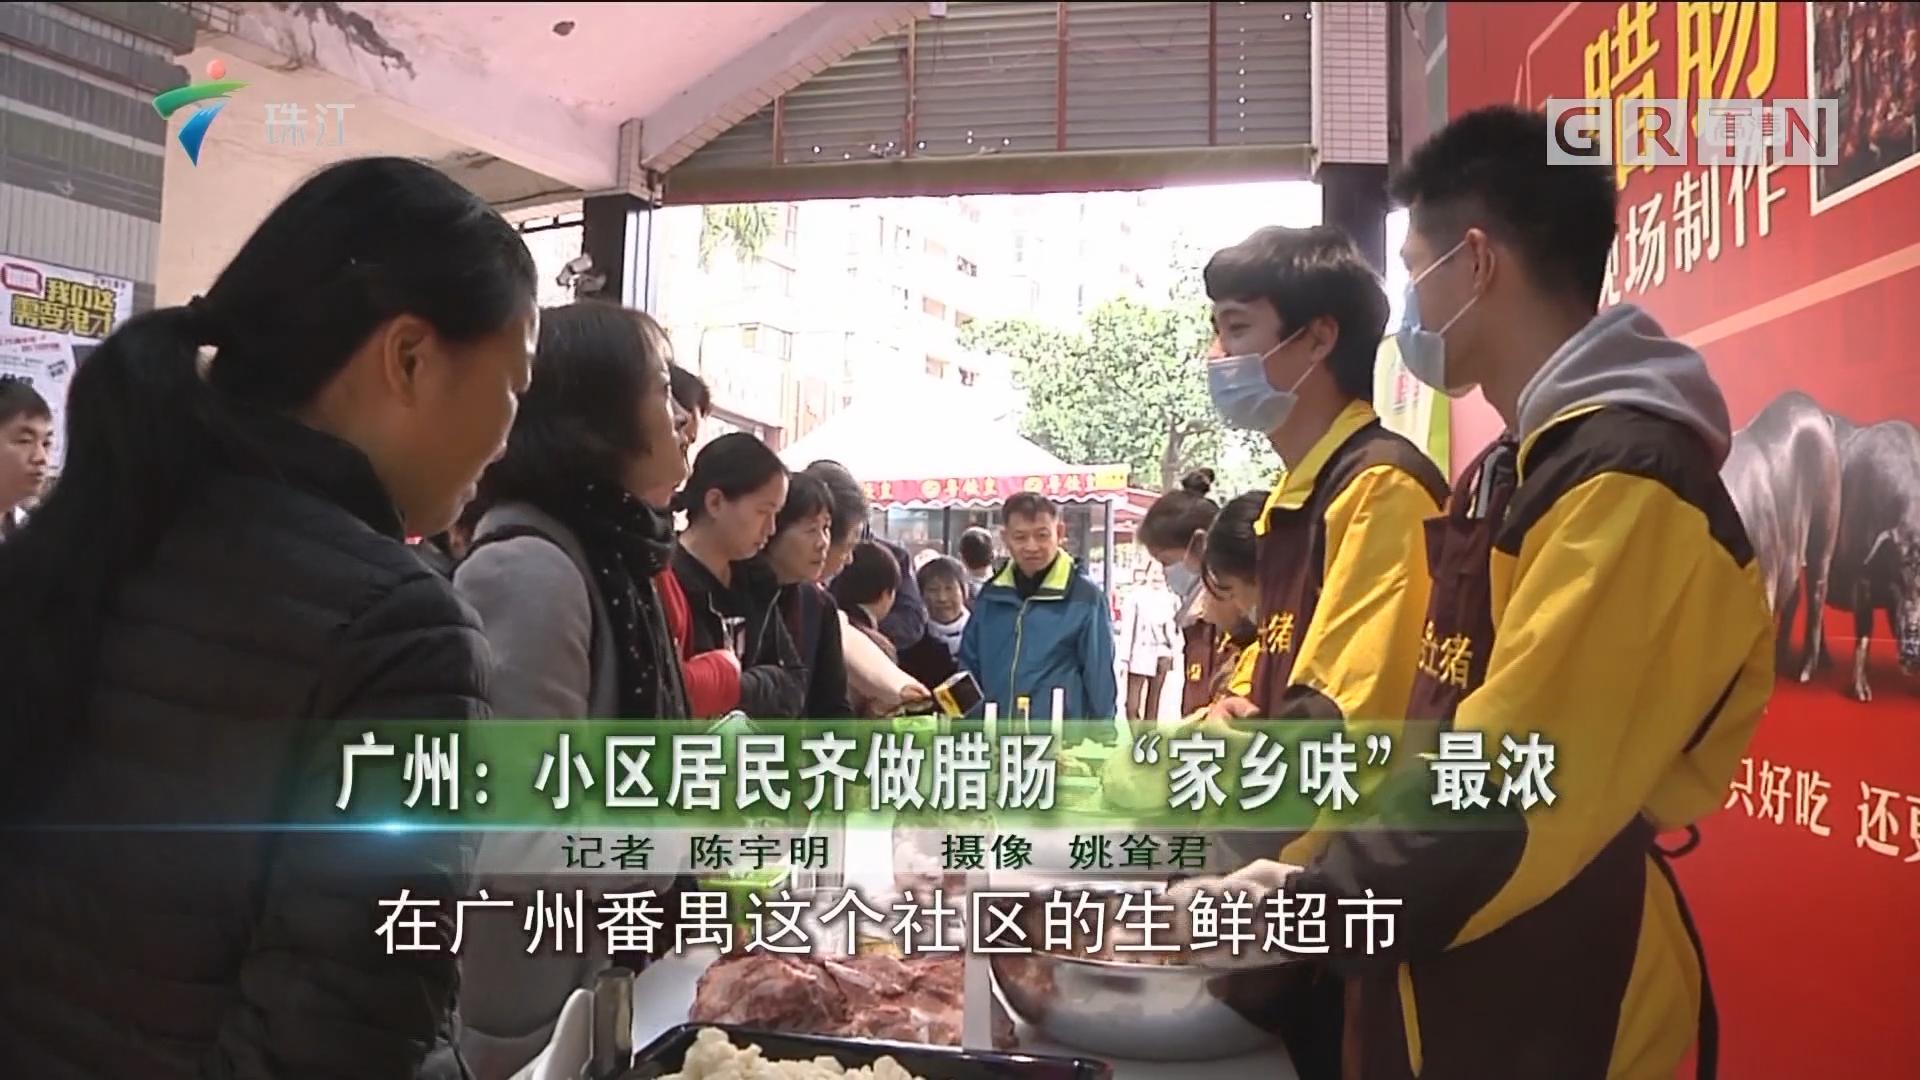 """广州:小区居民齐做腊肠 """"家乡味""""最浓"""